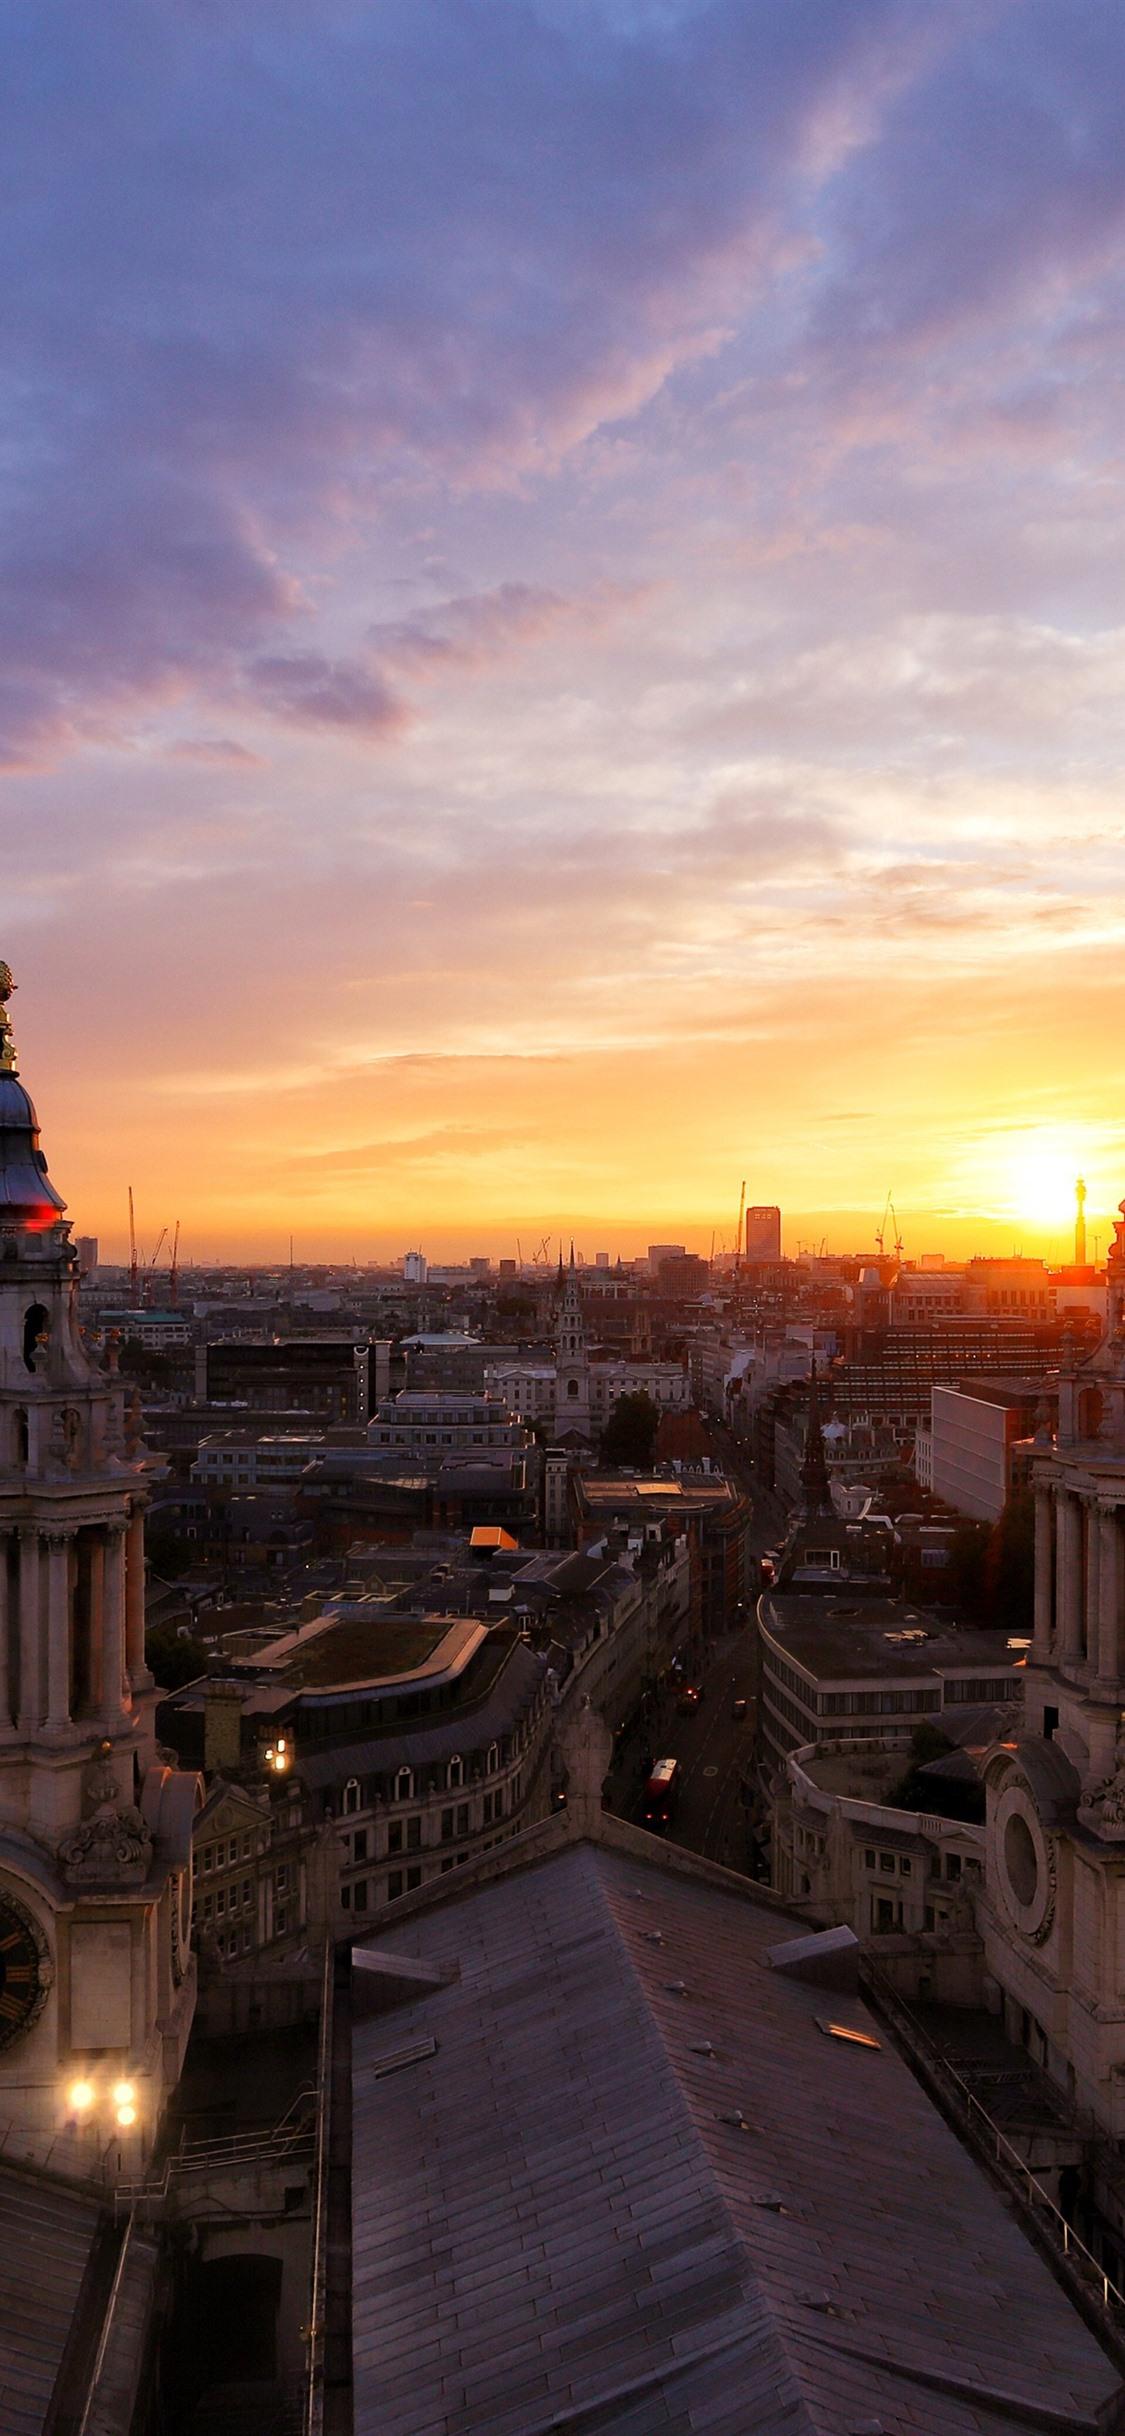 ロンドン 都市 夕暮れ 家 イギリス 1125x2436 Iphone 11 Pro Xs X